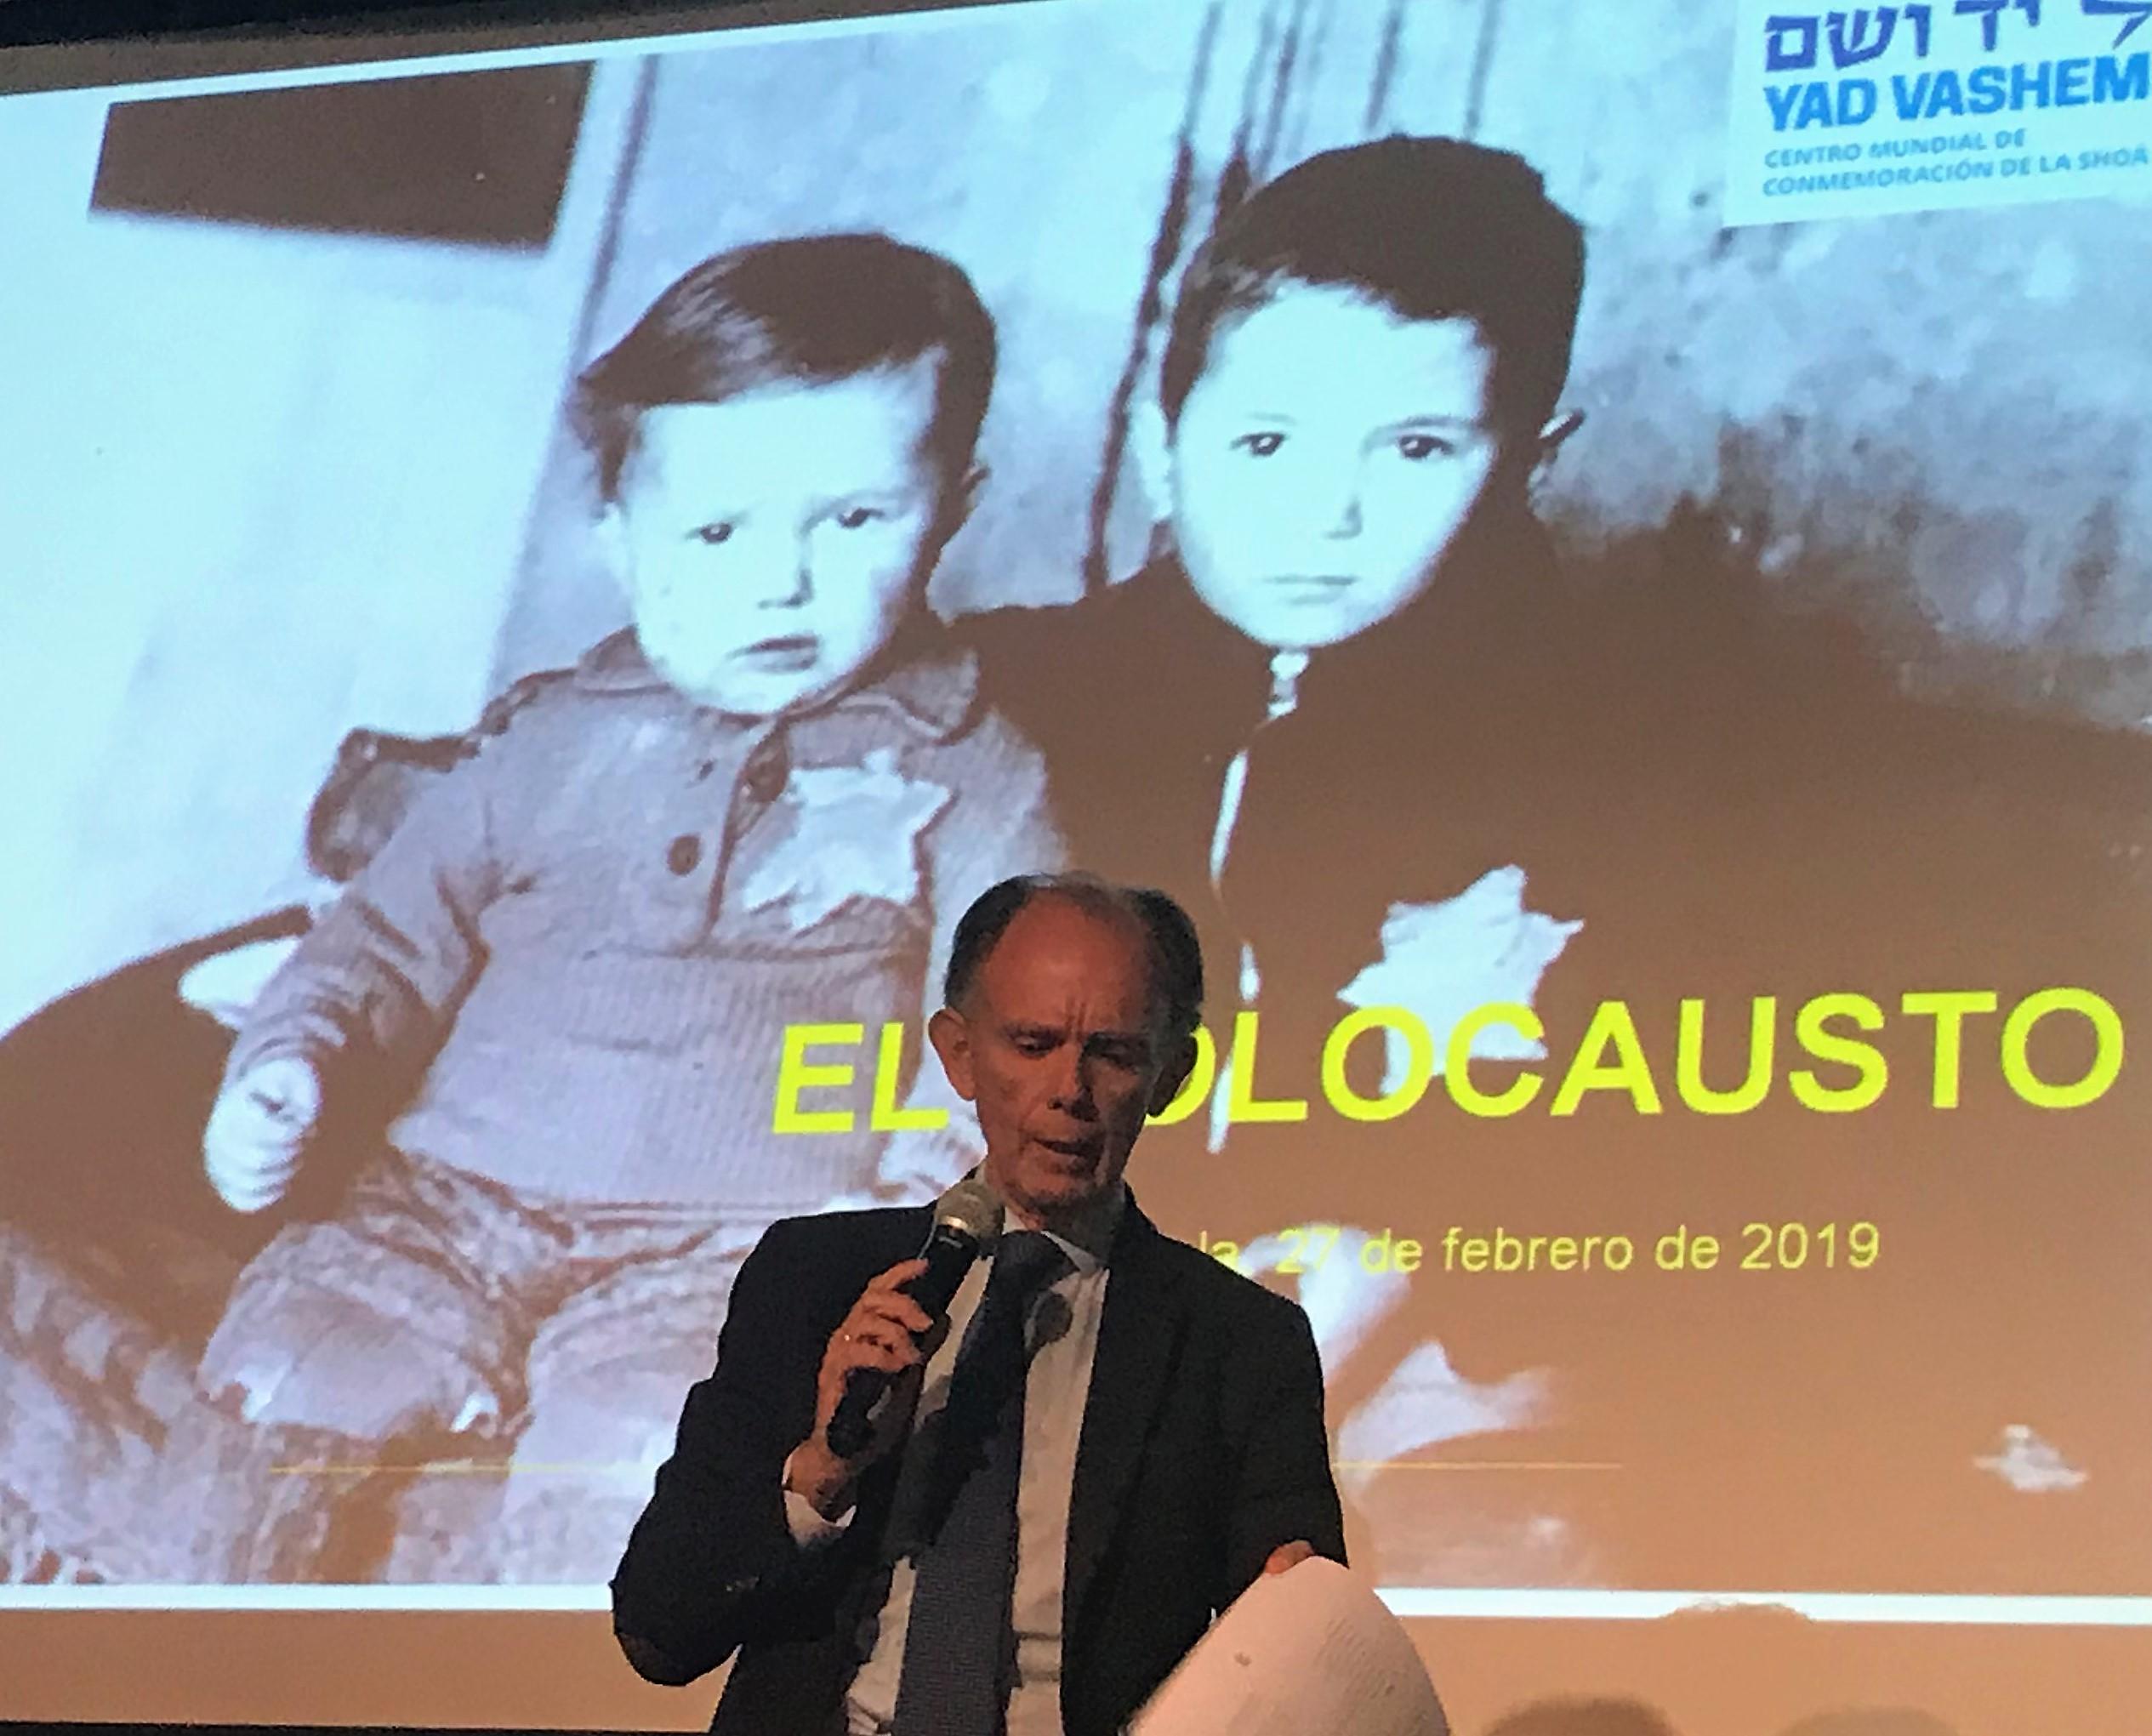 Clase histórica sobre el Holocausto en IES Cortes de Cádiz